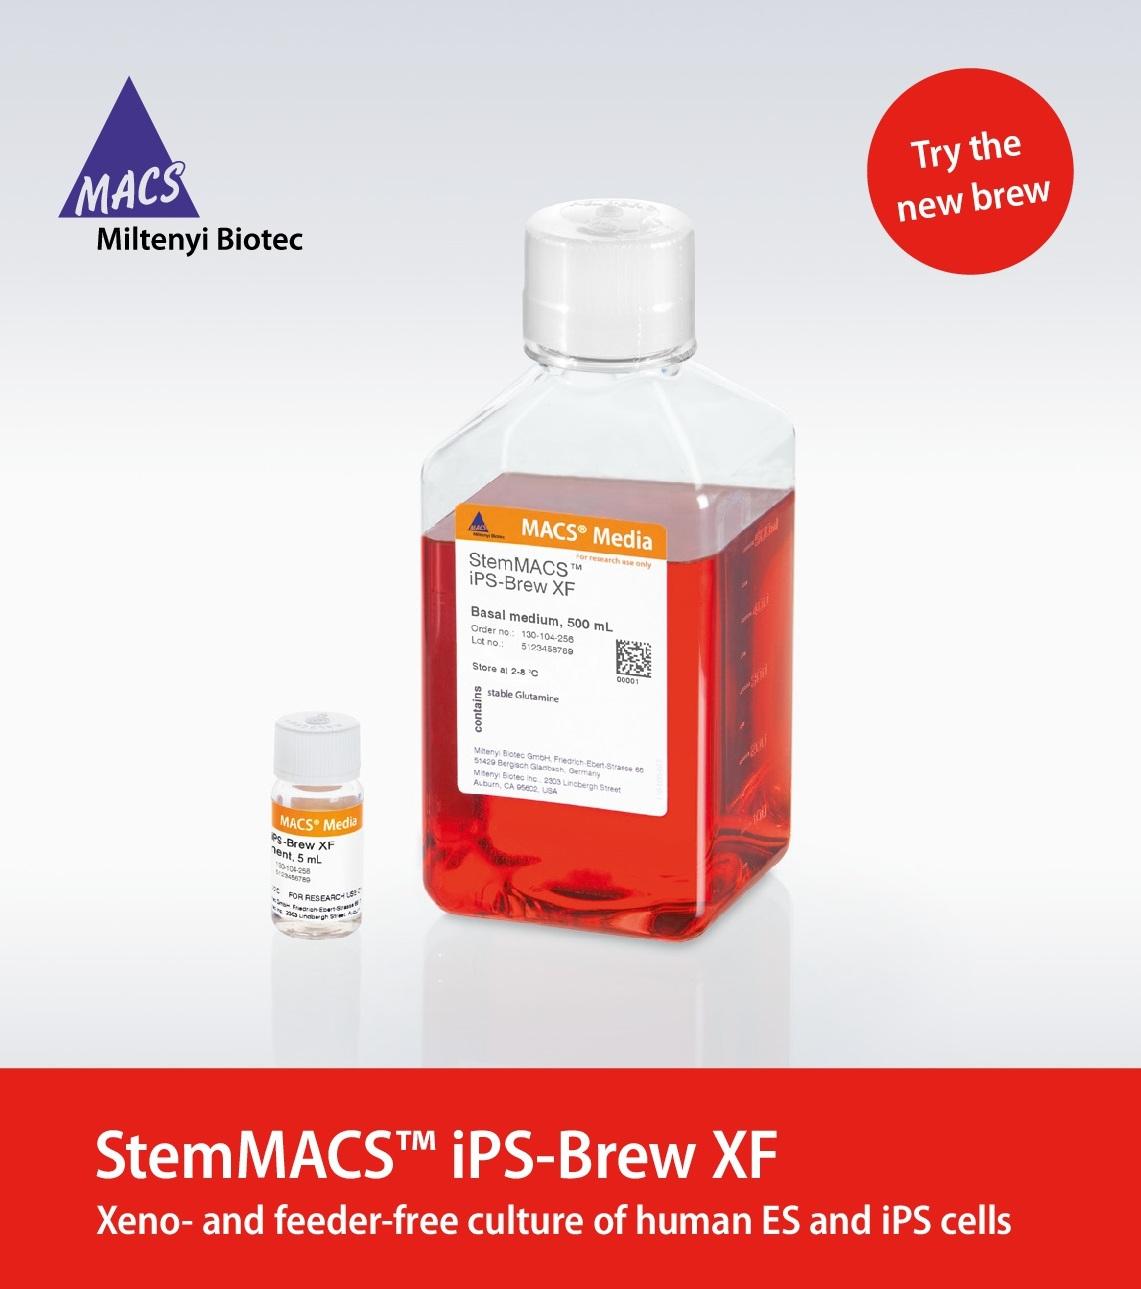 StemMACS ™ iPS-Brew XF - Miltenyi Biotec